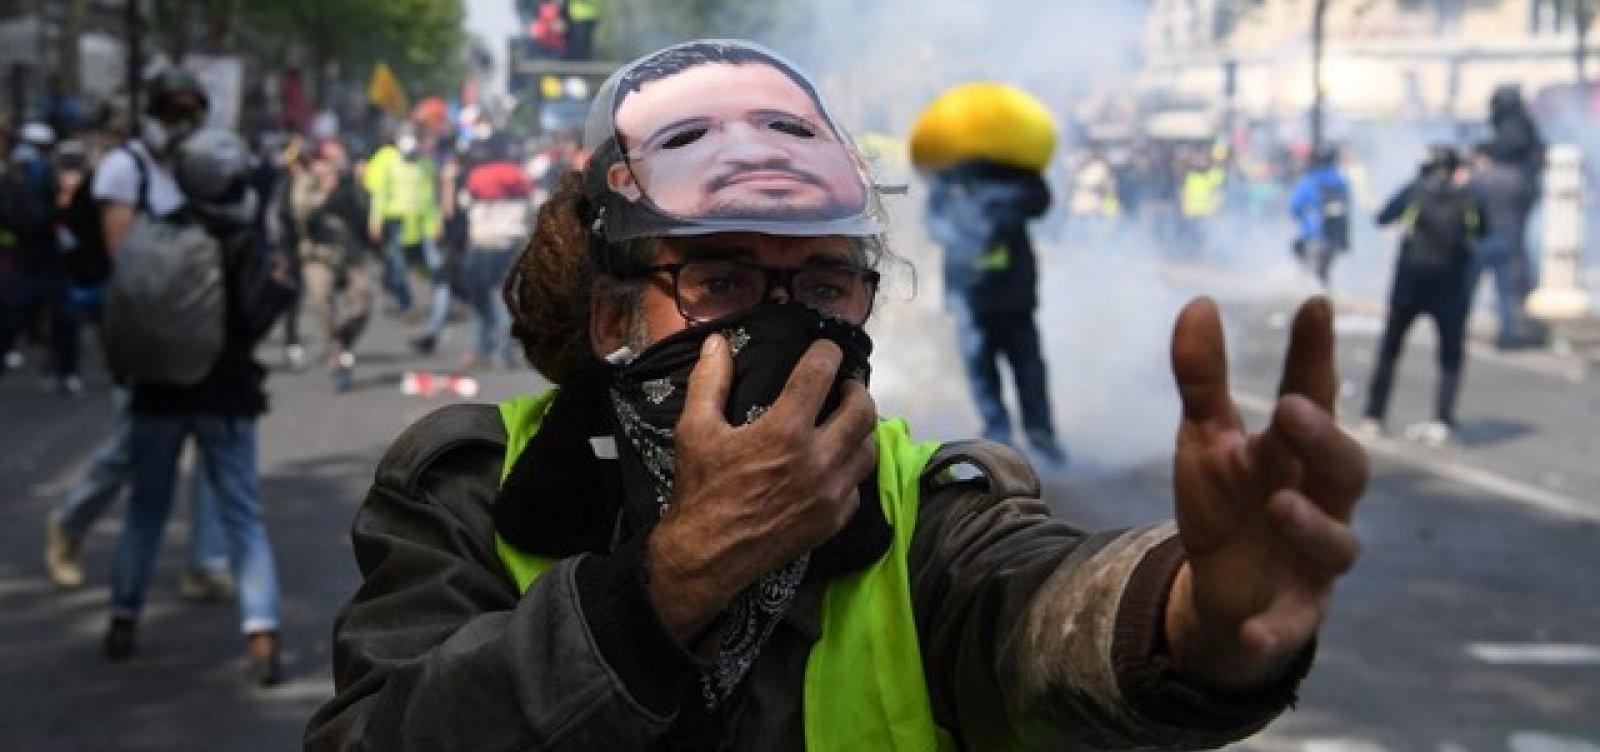 [Protesto dos coletes amarelos no Dia do Trabalho tem confronto com a polícia em Paris]